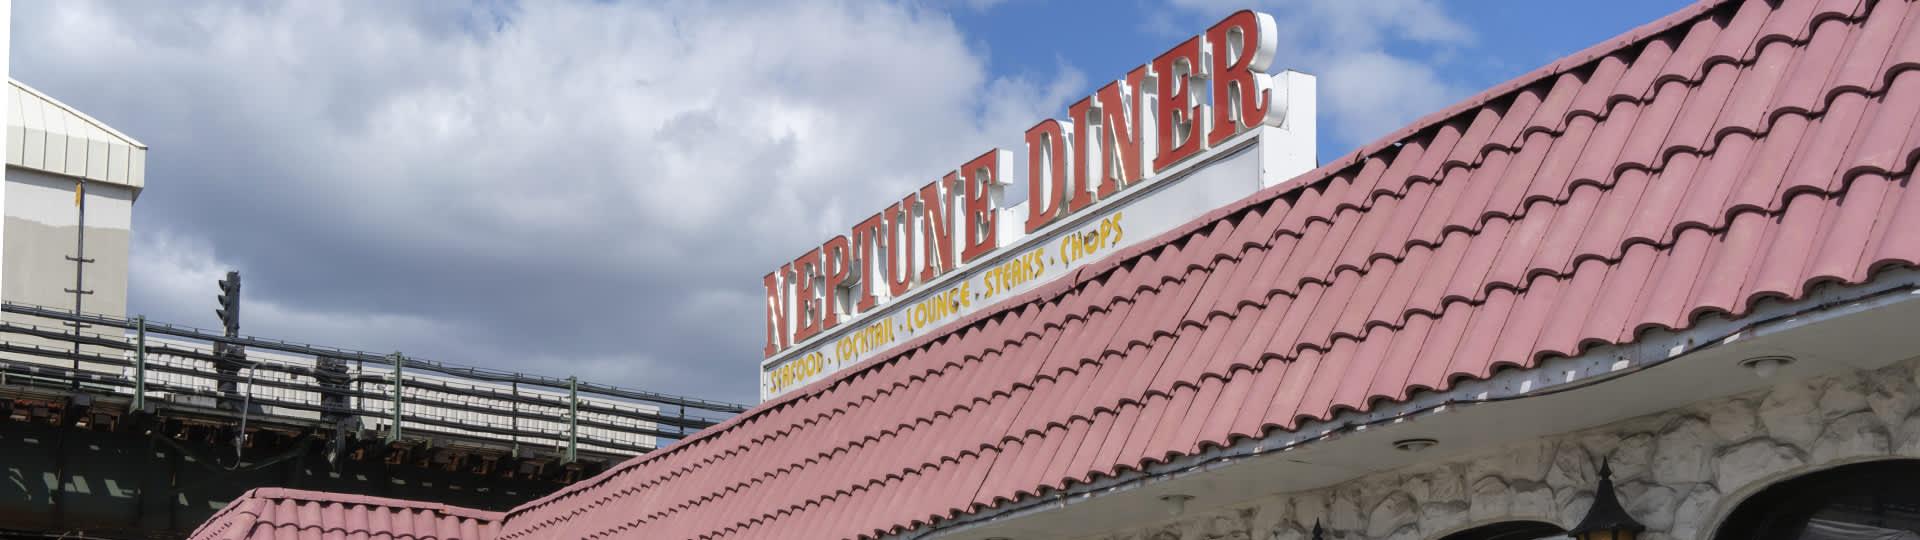 Neptunes Diner, Astoria, Queens